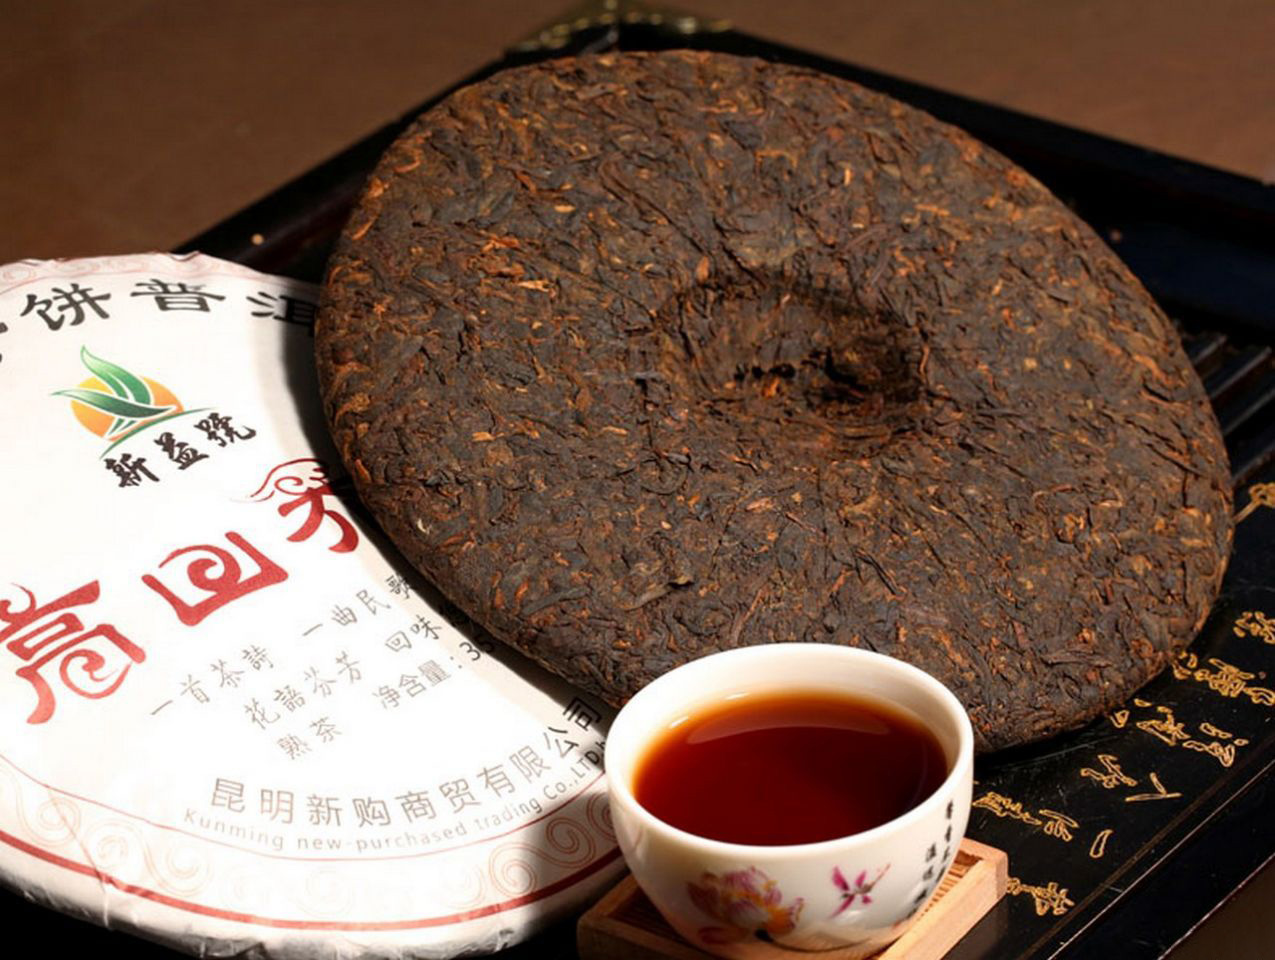 Виды пуэра – какой сорт чая лучше и вкуснее шу или шен пуэр